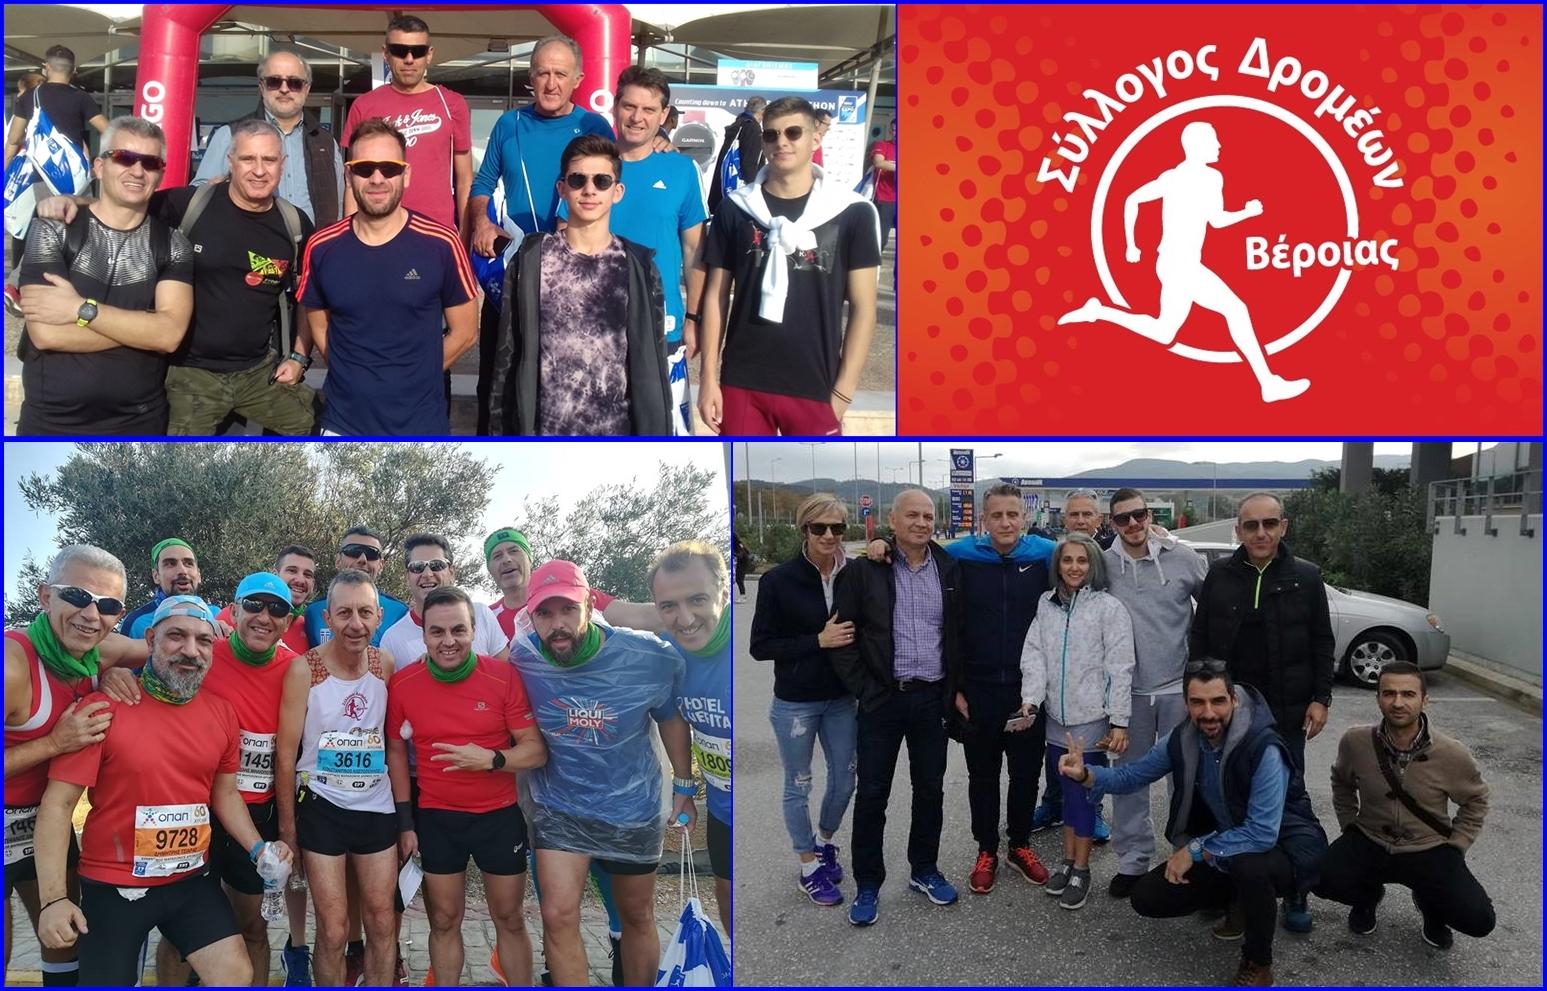 014b9d62556 Το αγωνιστικό παρόν στην μεγαλύτερη γιορτή του αθλητισμού και του δρομικού  κινήματος, τον Αυθεντικό Μαραθώνιο , έδωσε για μια ακόμη φορά η ομάδα του  ...